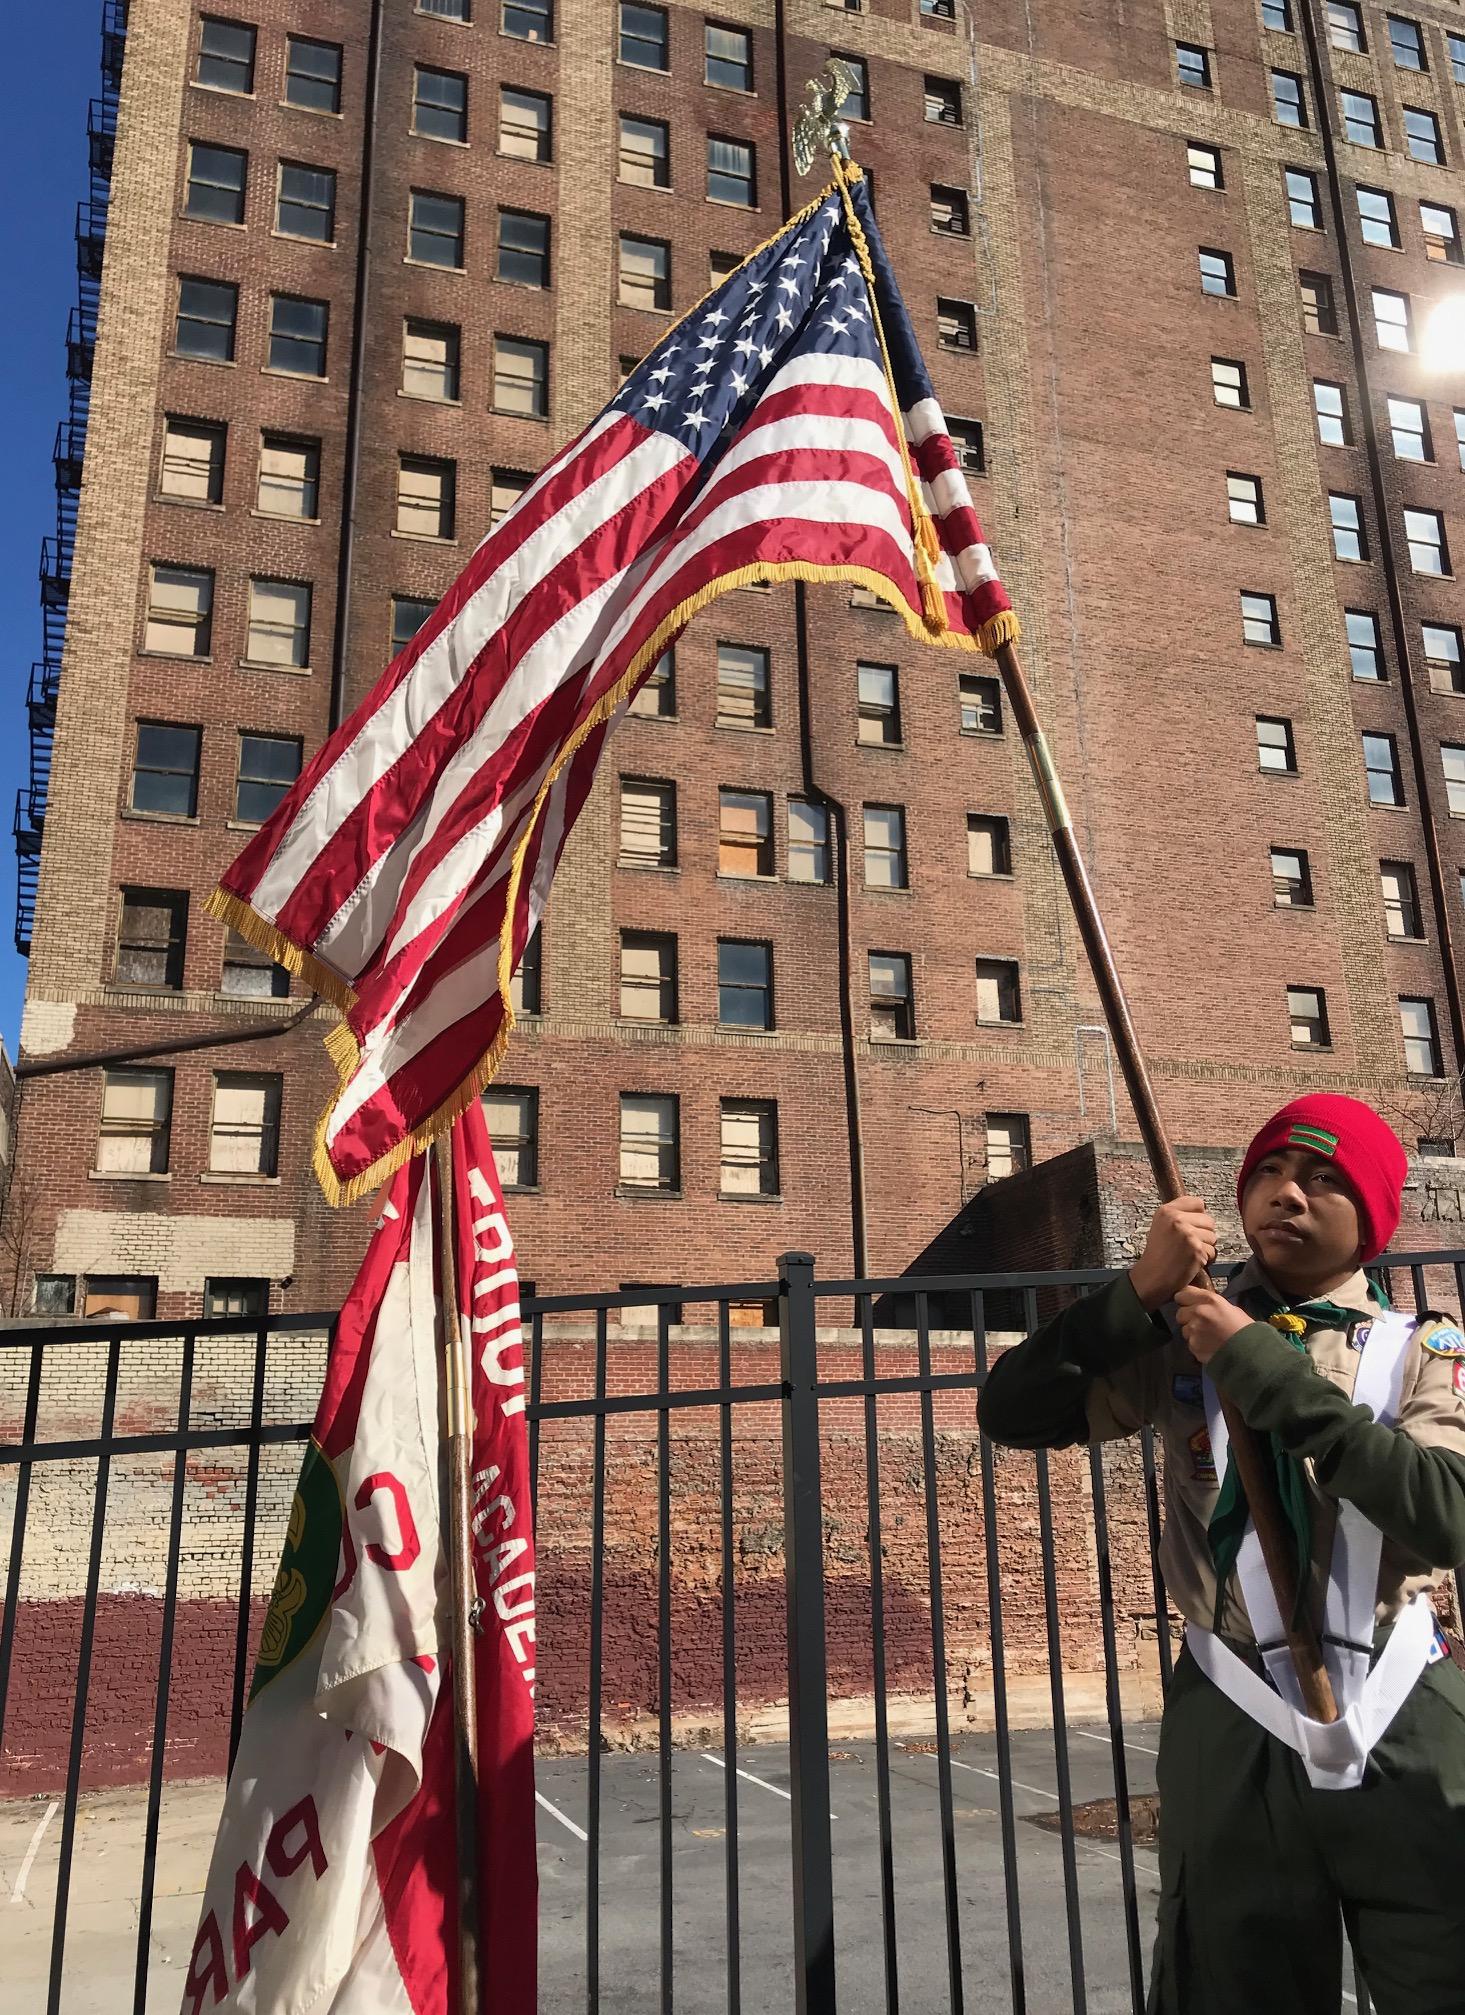 VeteransDayParade2019_29